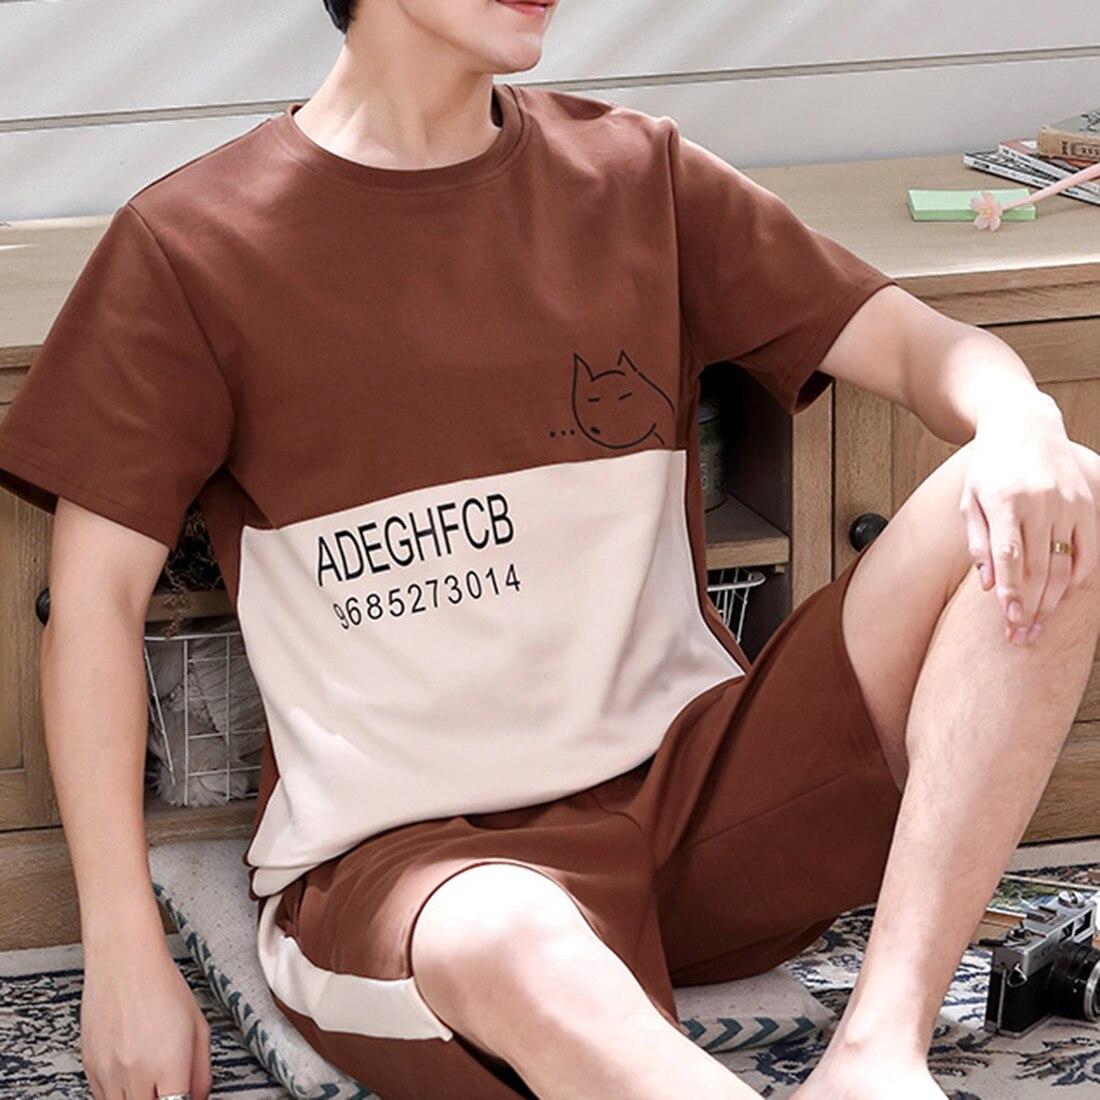 2020 Лето Повседневный Полосатый Хлопок С короткими рукавами Пижамы Комплекты Для Мужчин Пижамы Мужские Домашняя одежда Гостиная Одежда Ночь Костюм Дом Одежда